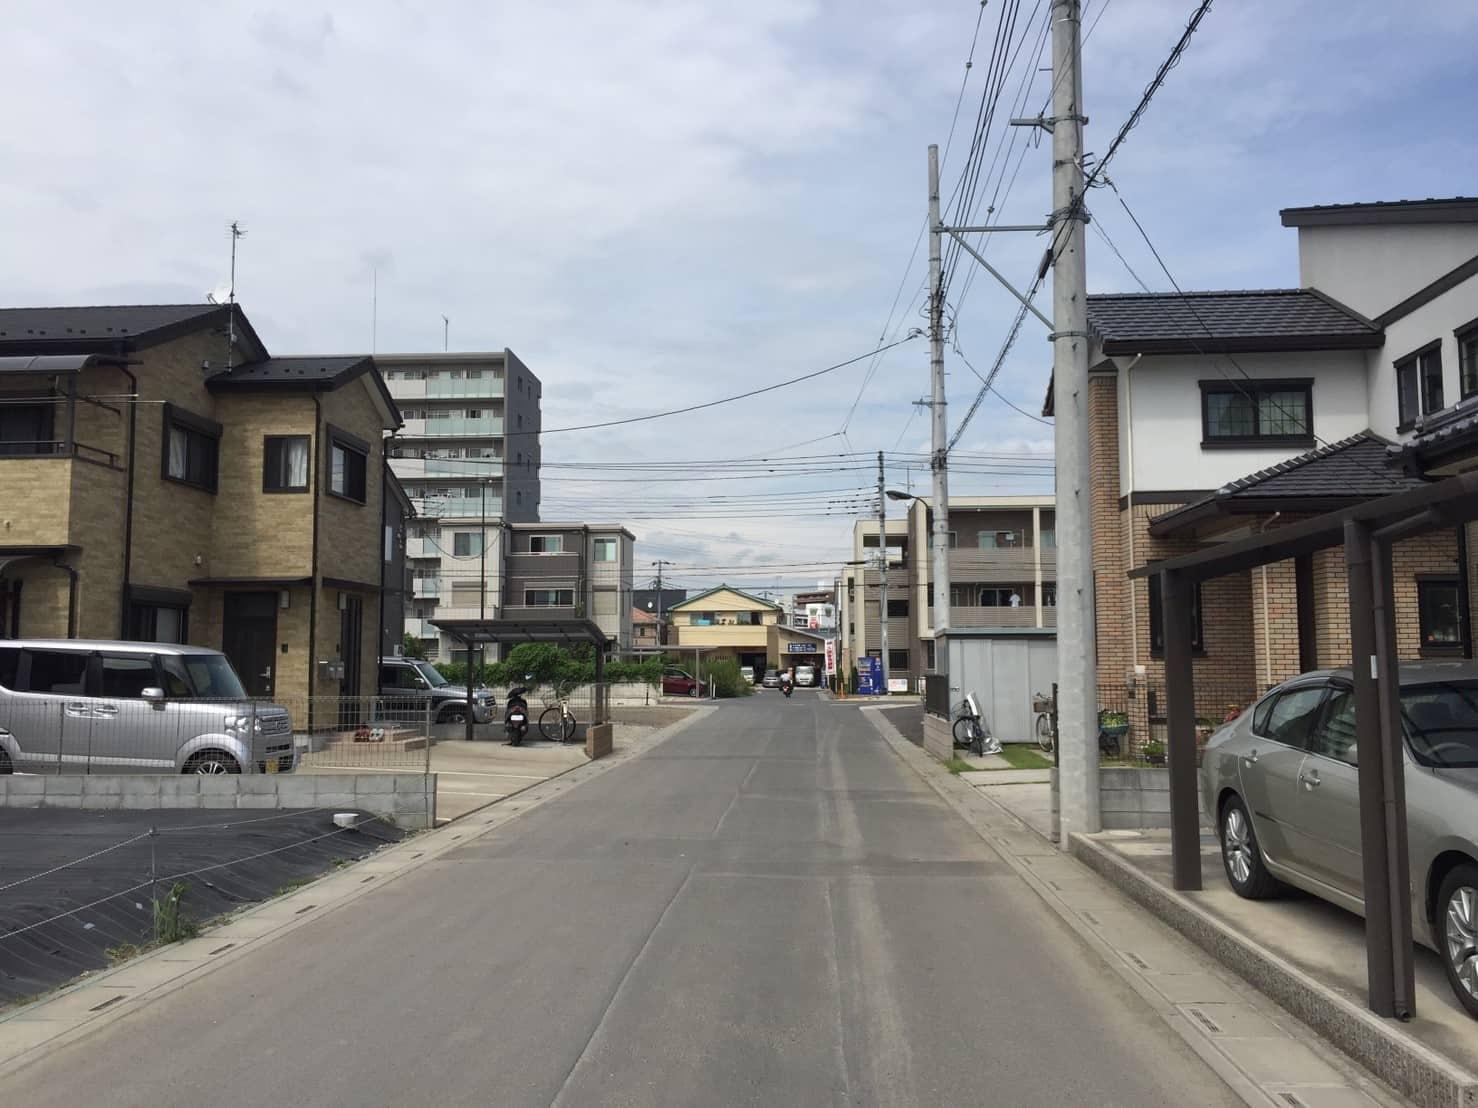 戸建てが多い街並み